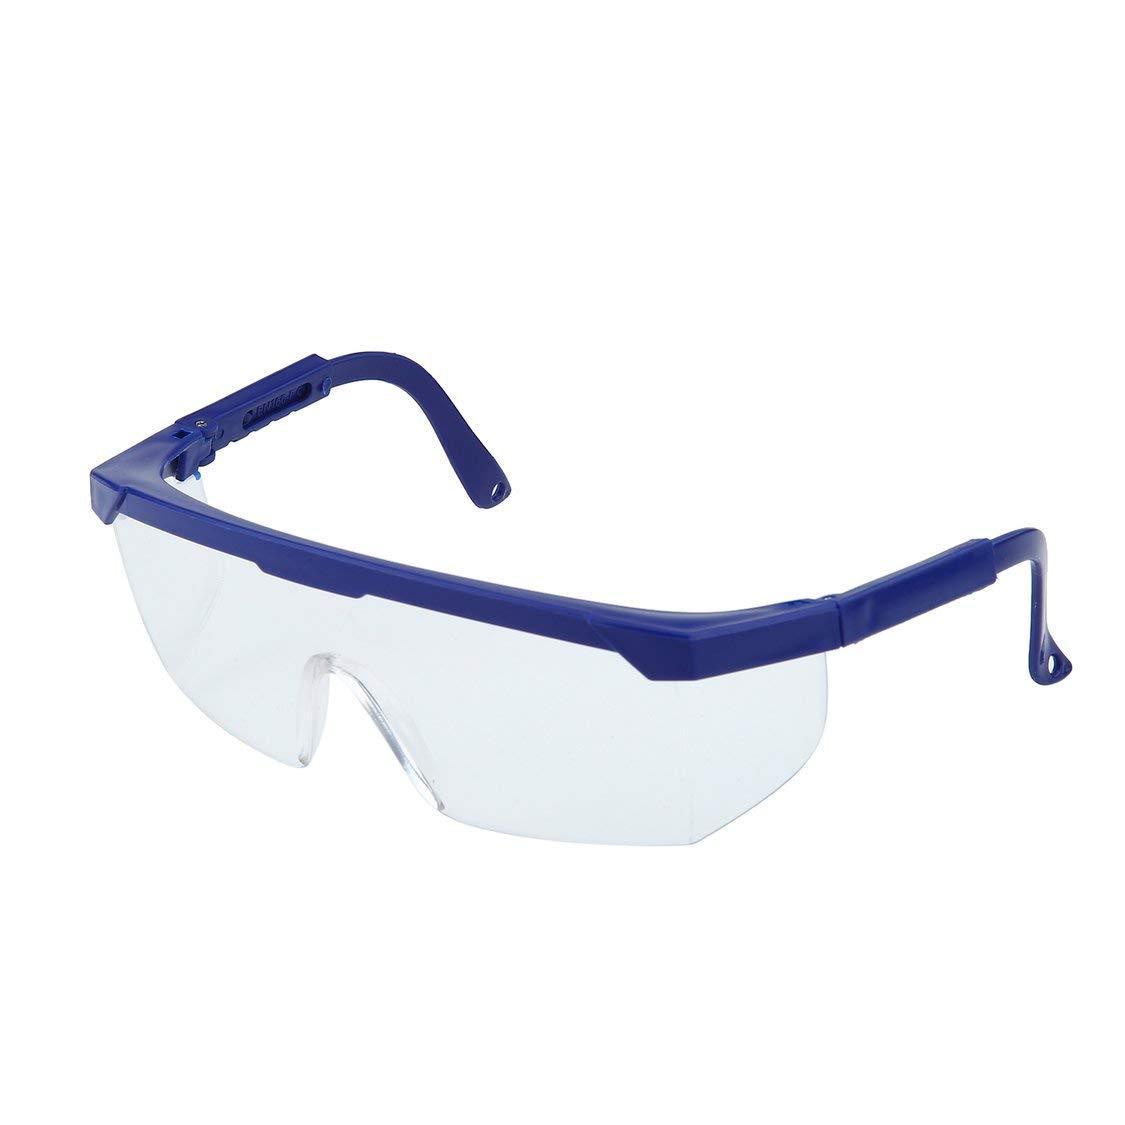 Seguridad en el Trabajo Gafas de protecci/ón para los Ojos Gafas Laboratorio Pintura en Polvo Dental Antial Splash Gafas a Prueba de Polvo para Viento